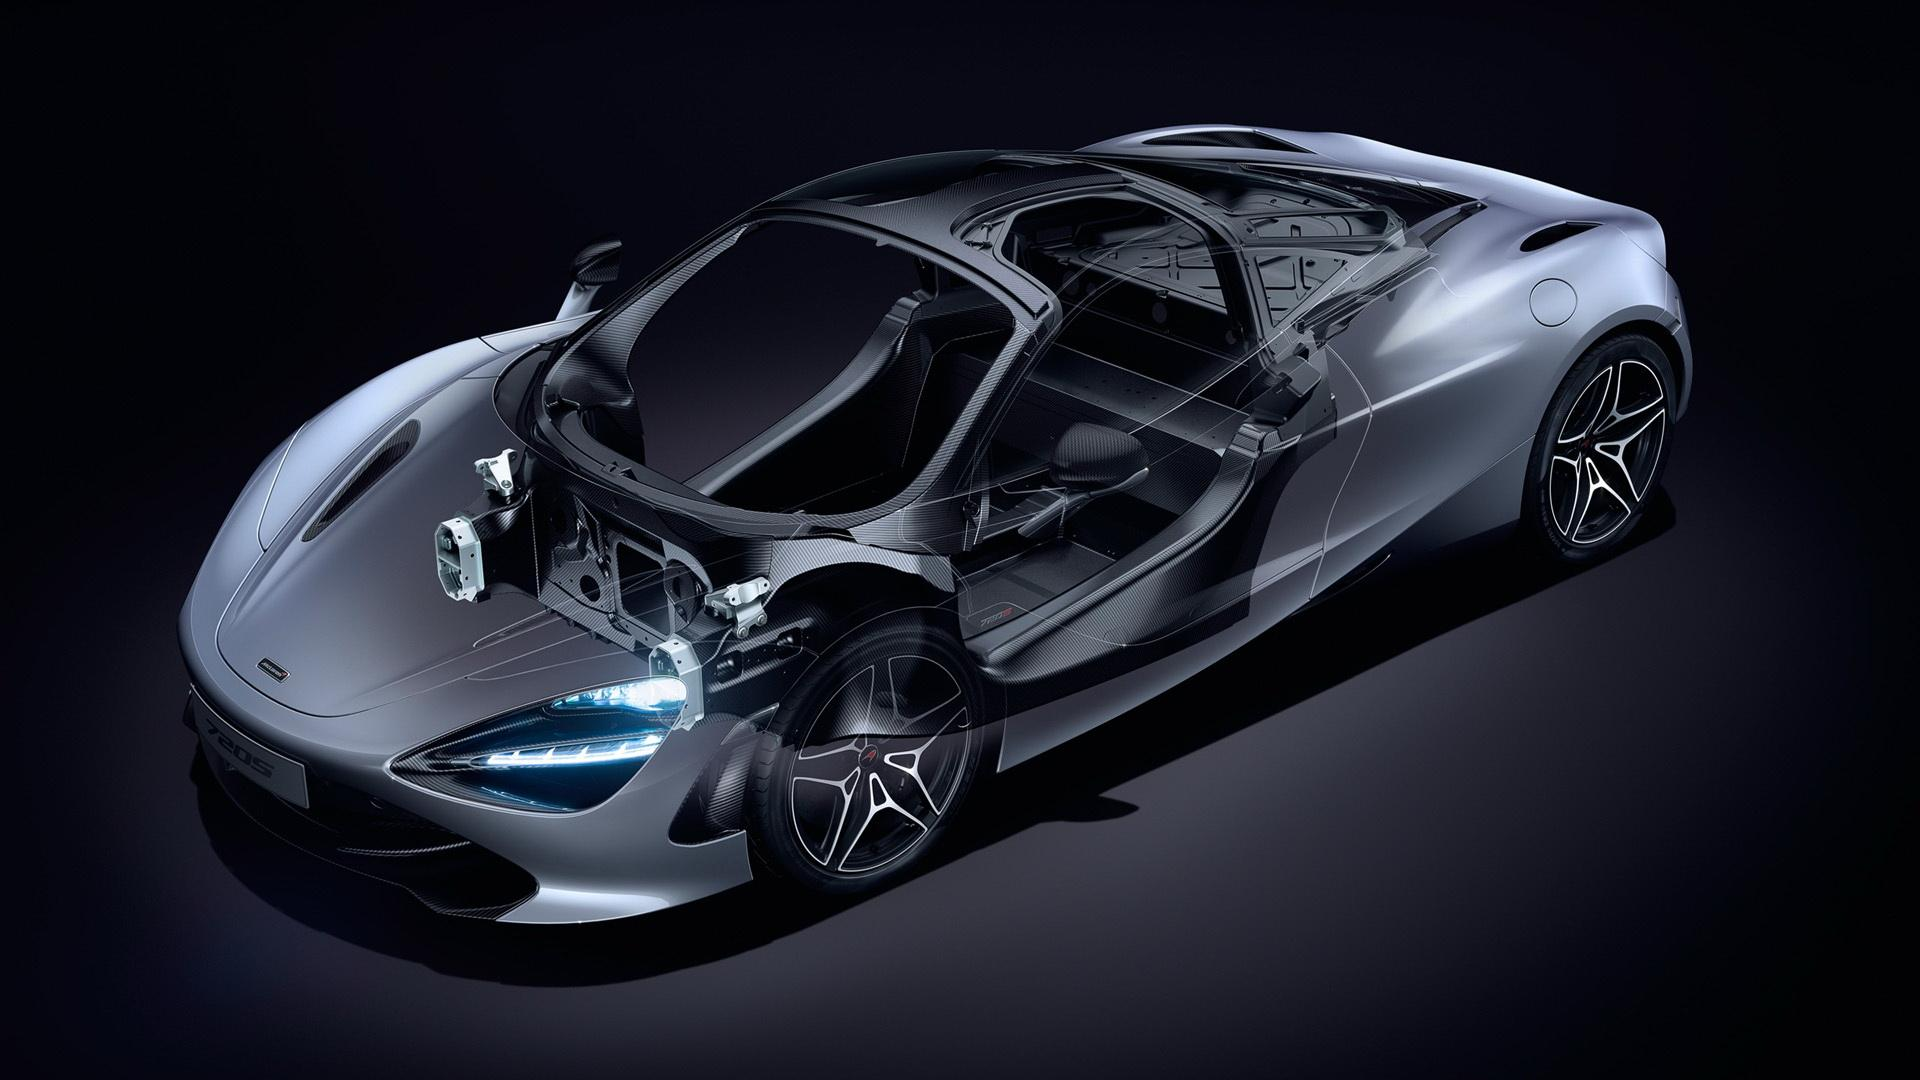 2017邁凱輪McLaren 720S高清寬屏桌面壁紙_圖片新聞_東方頭條